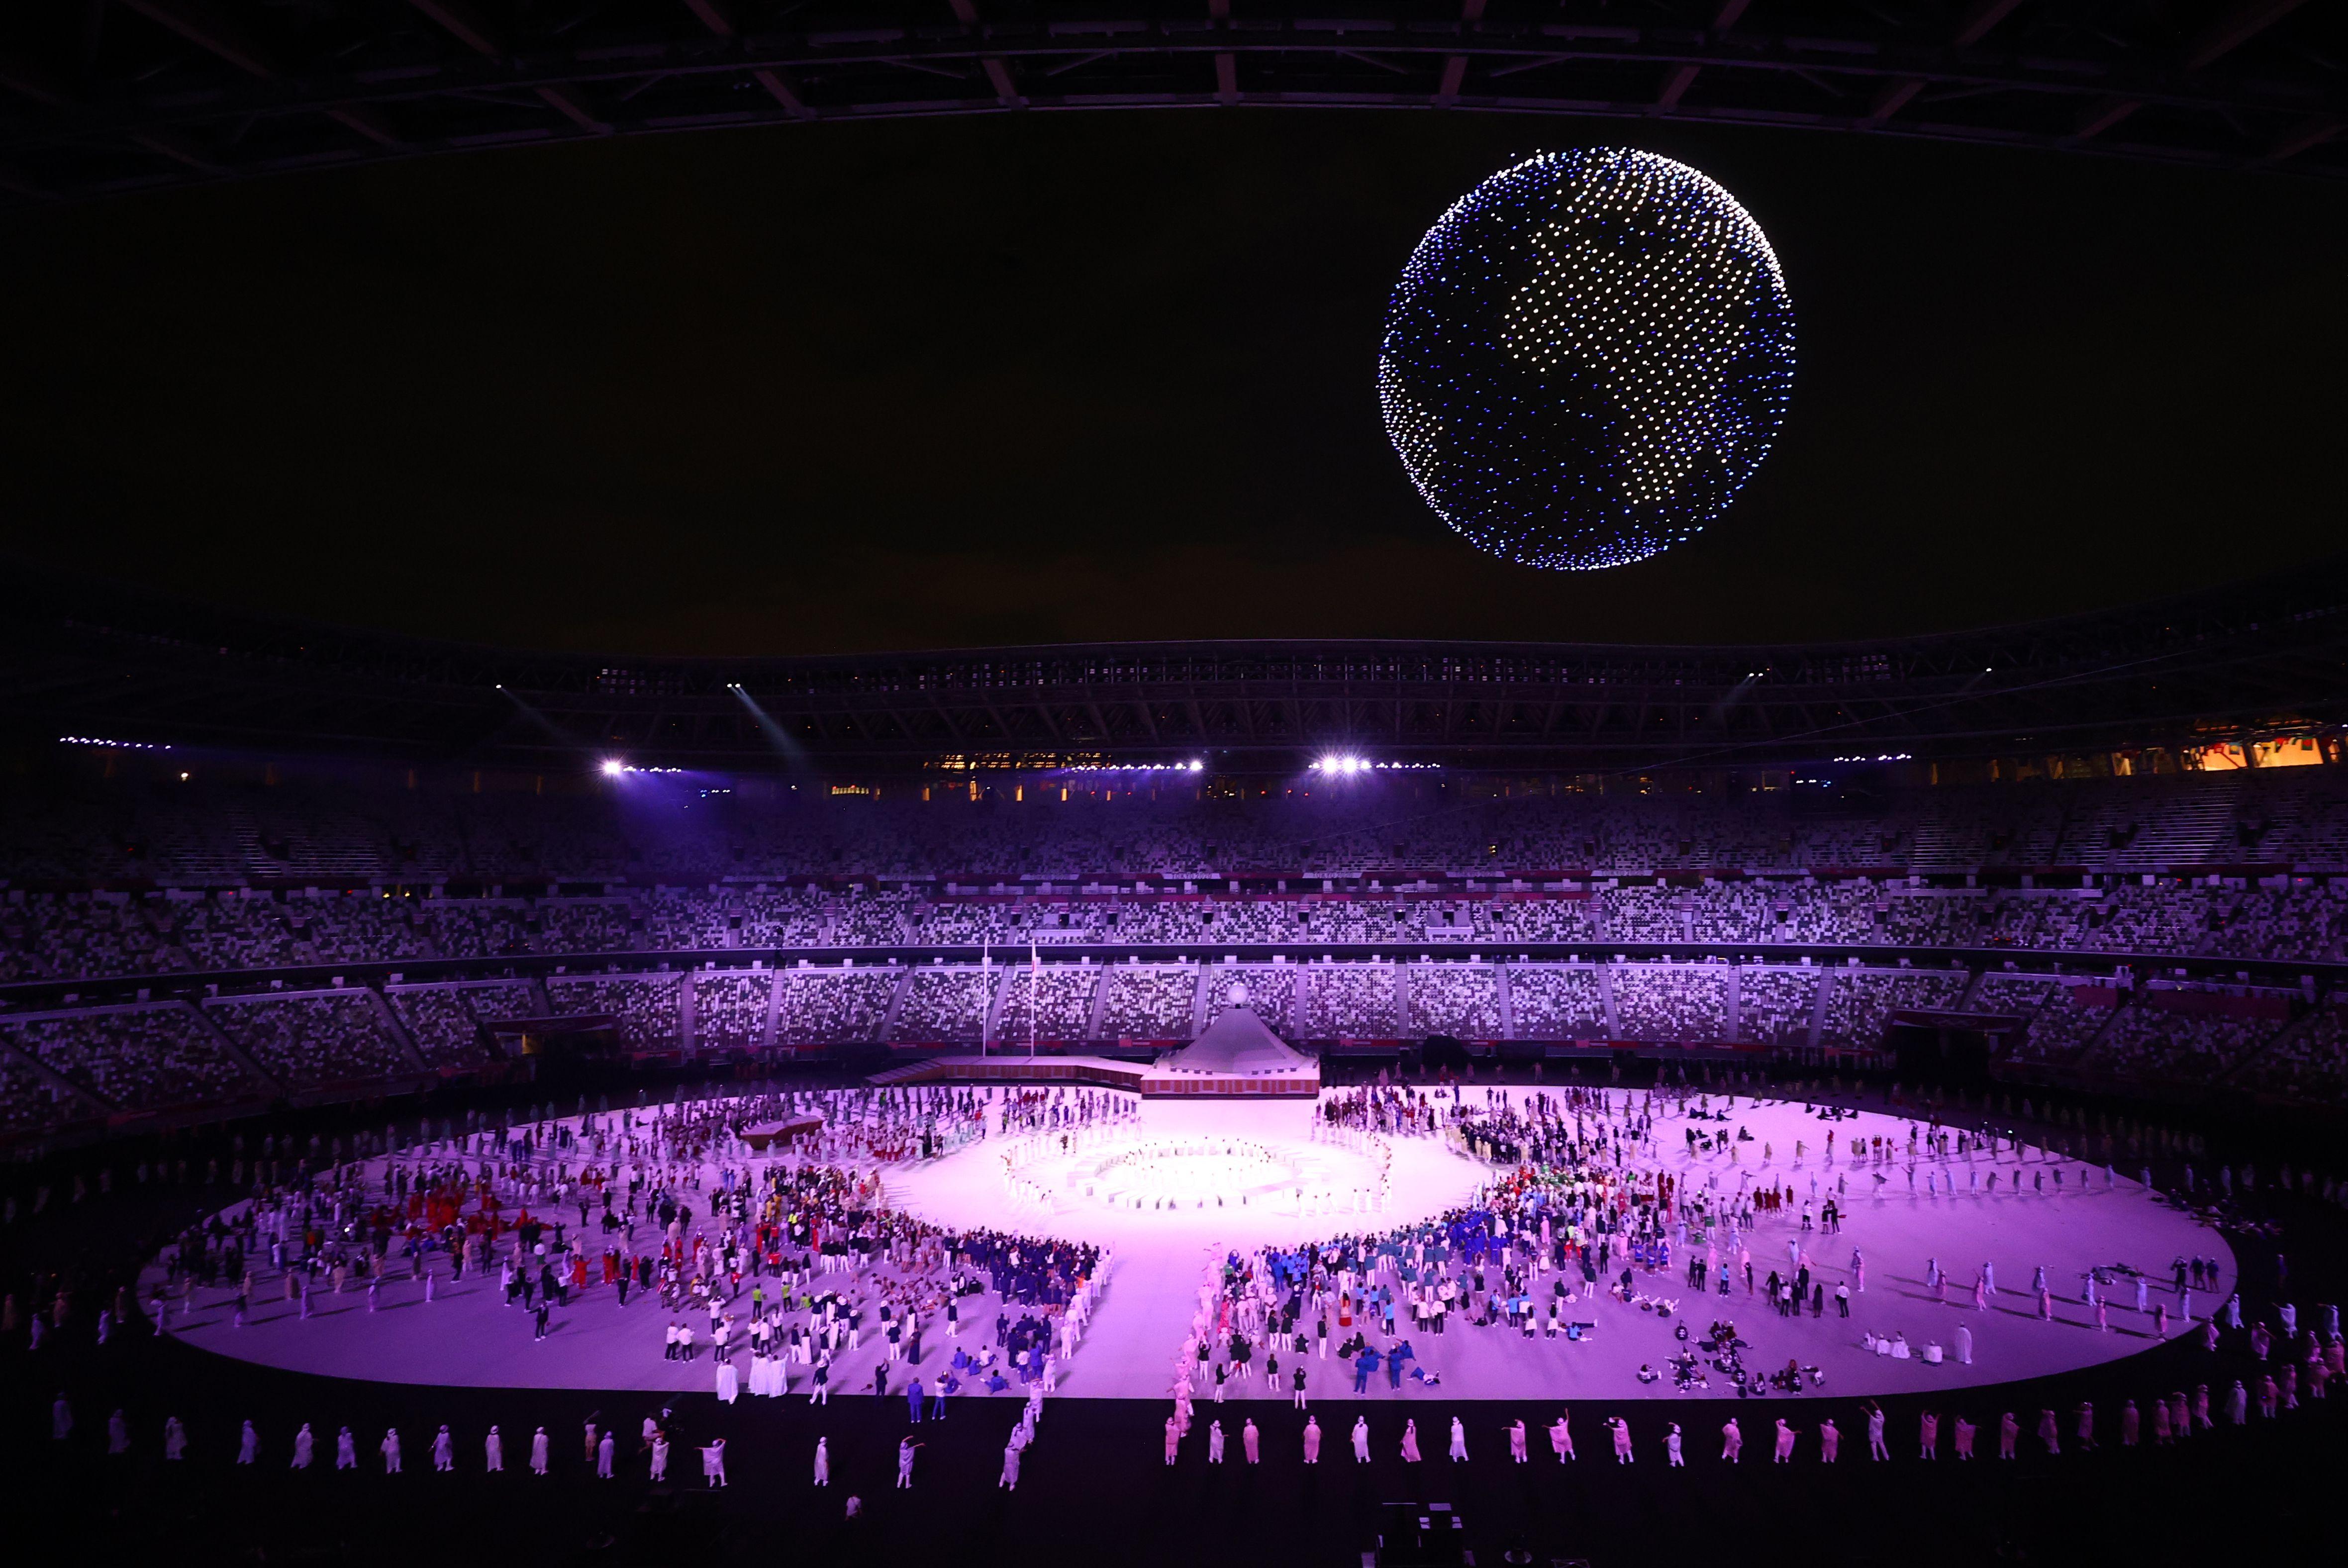 El show de drones en el aire del Estadio Olímpico de Tokio (REUTERS/Marko Djurica)